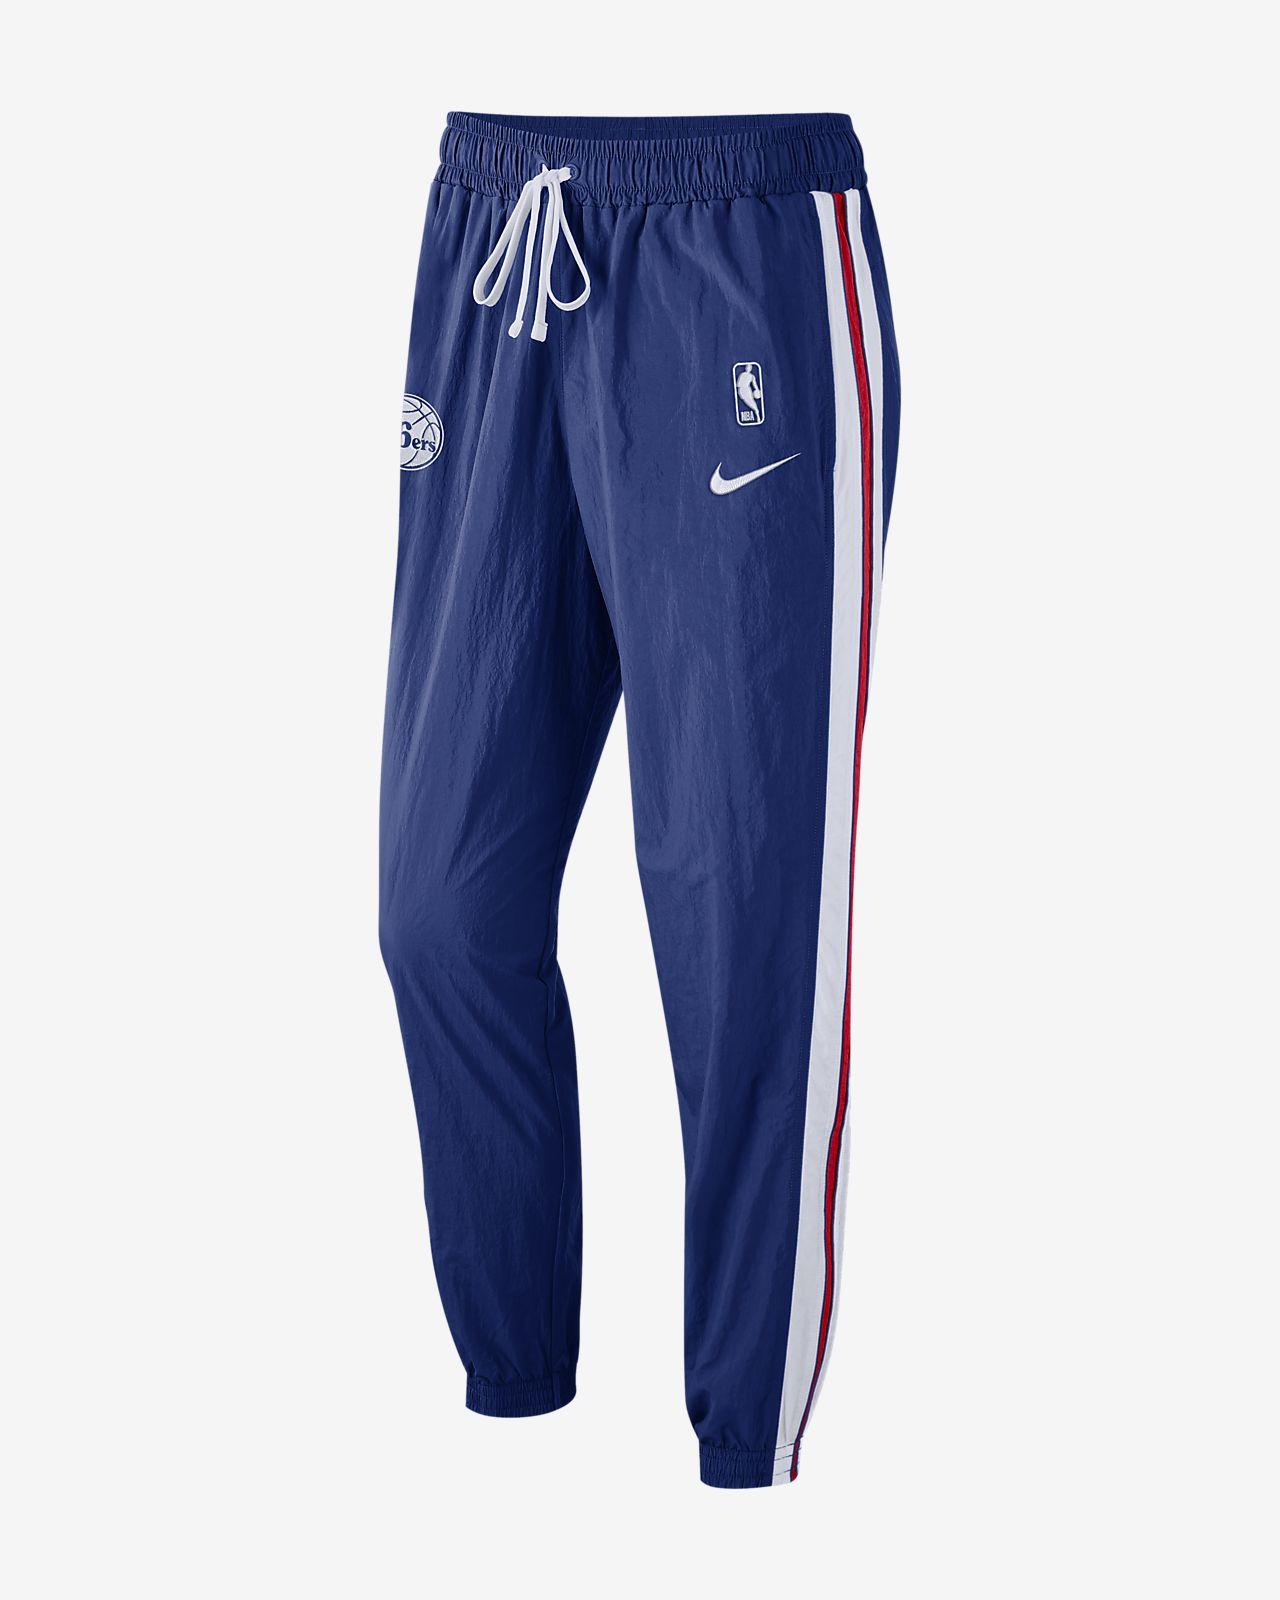 Philadelphia 76ers Nike Men's NBA Tracksuit Pants